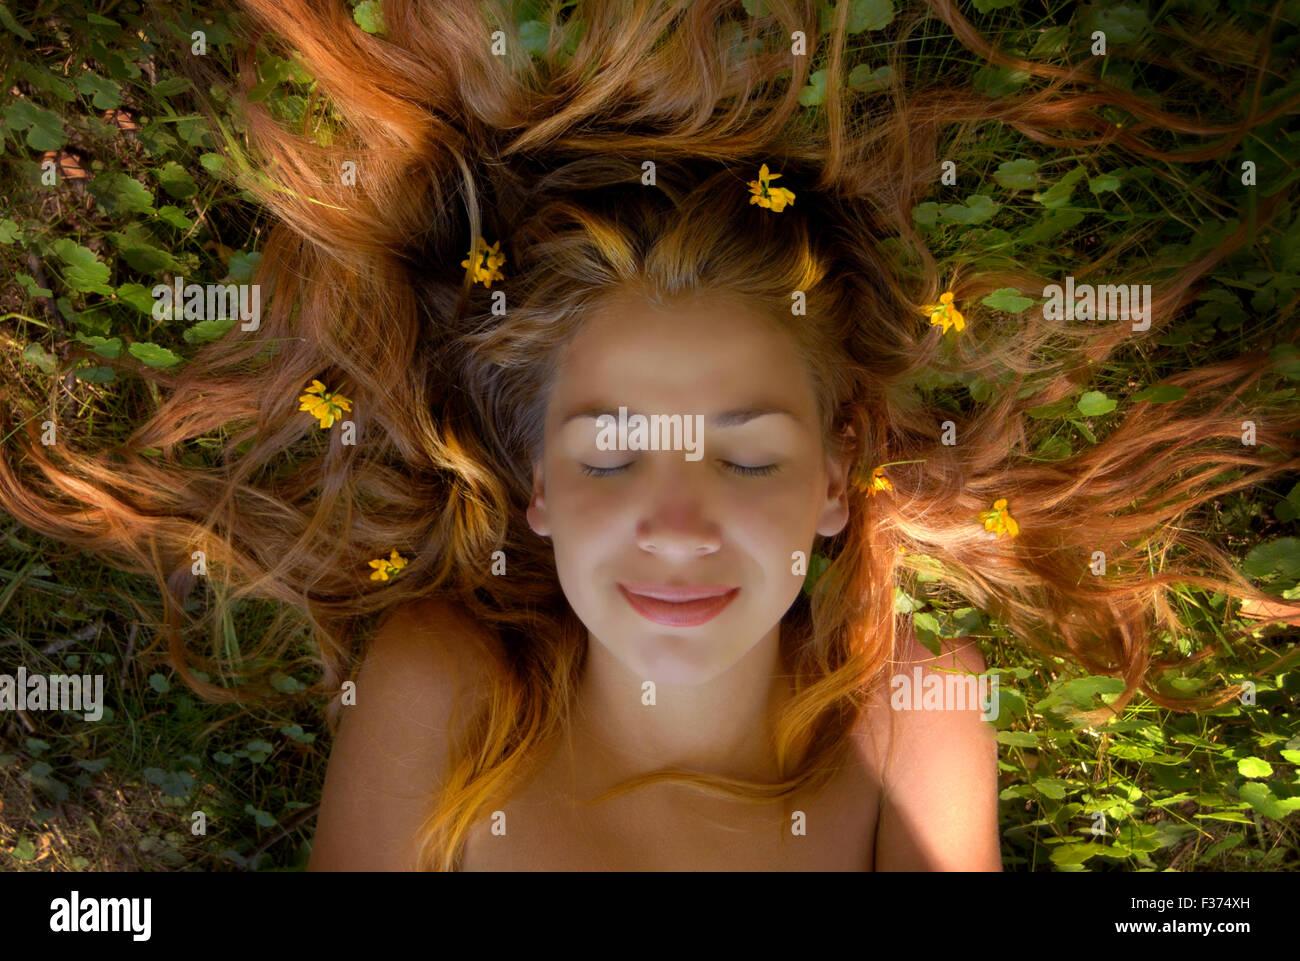 Belle fille blonde cheveux longs dans l'herbe avec des fleurs dans la tête Photo Stock